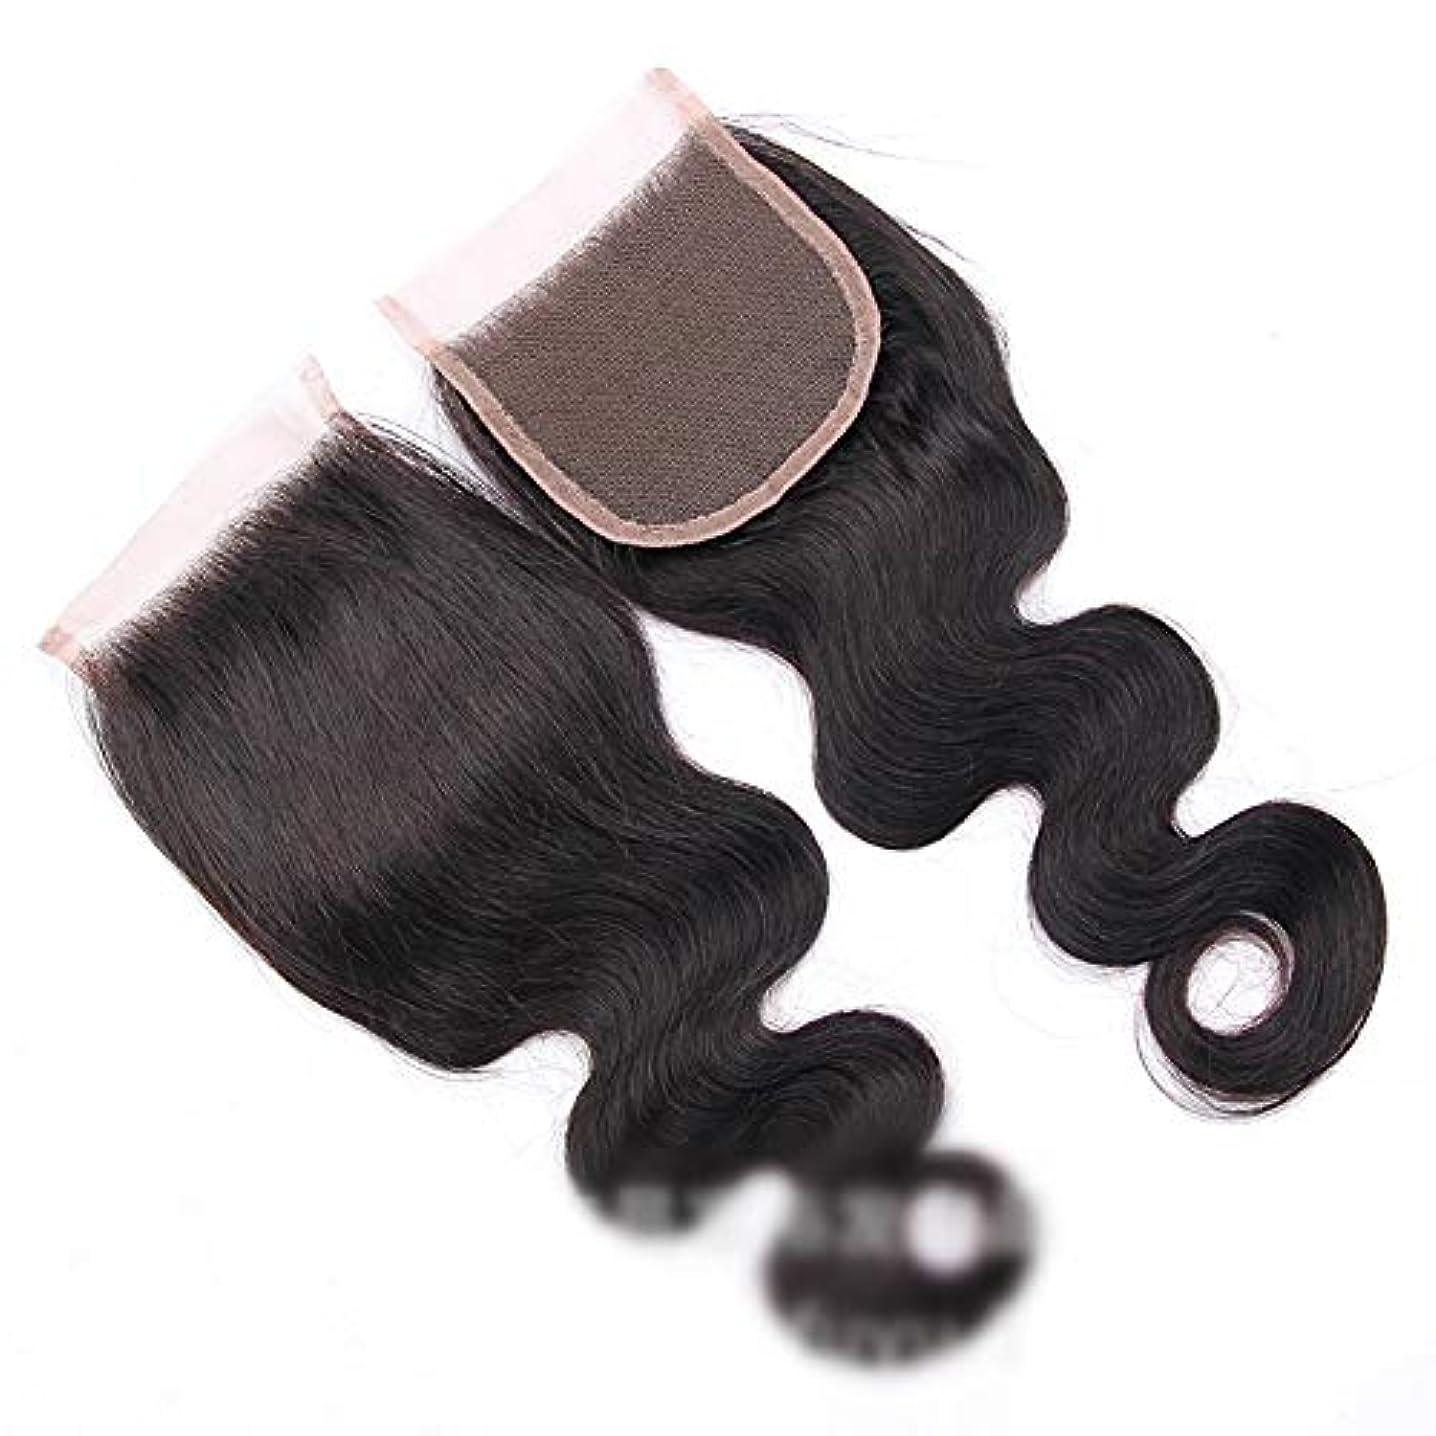 にやにやぞっとするようなプラットフォームHOHYLLYA ブラジル実体波レース閉鎖無料パート100%バージン人間の髪の毛の閉鎖ナチュラルカラービッグウェーブウィッグ (色 : 黒, サイズ : 8 inch)